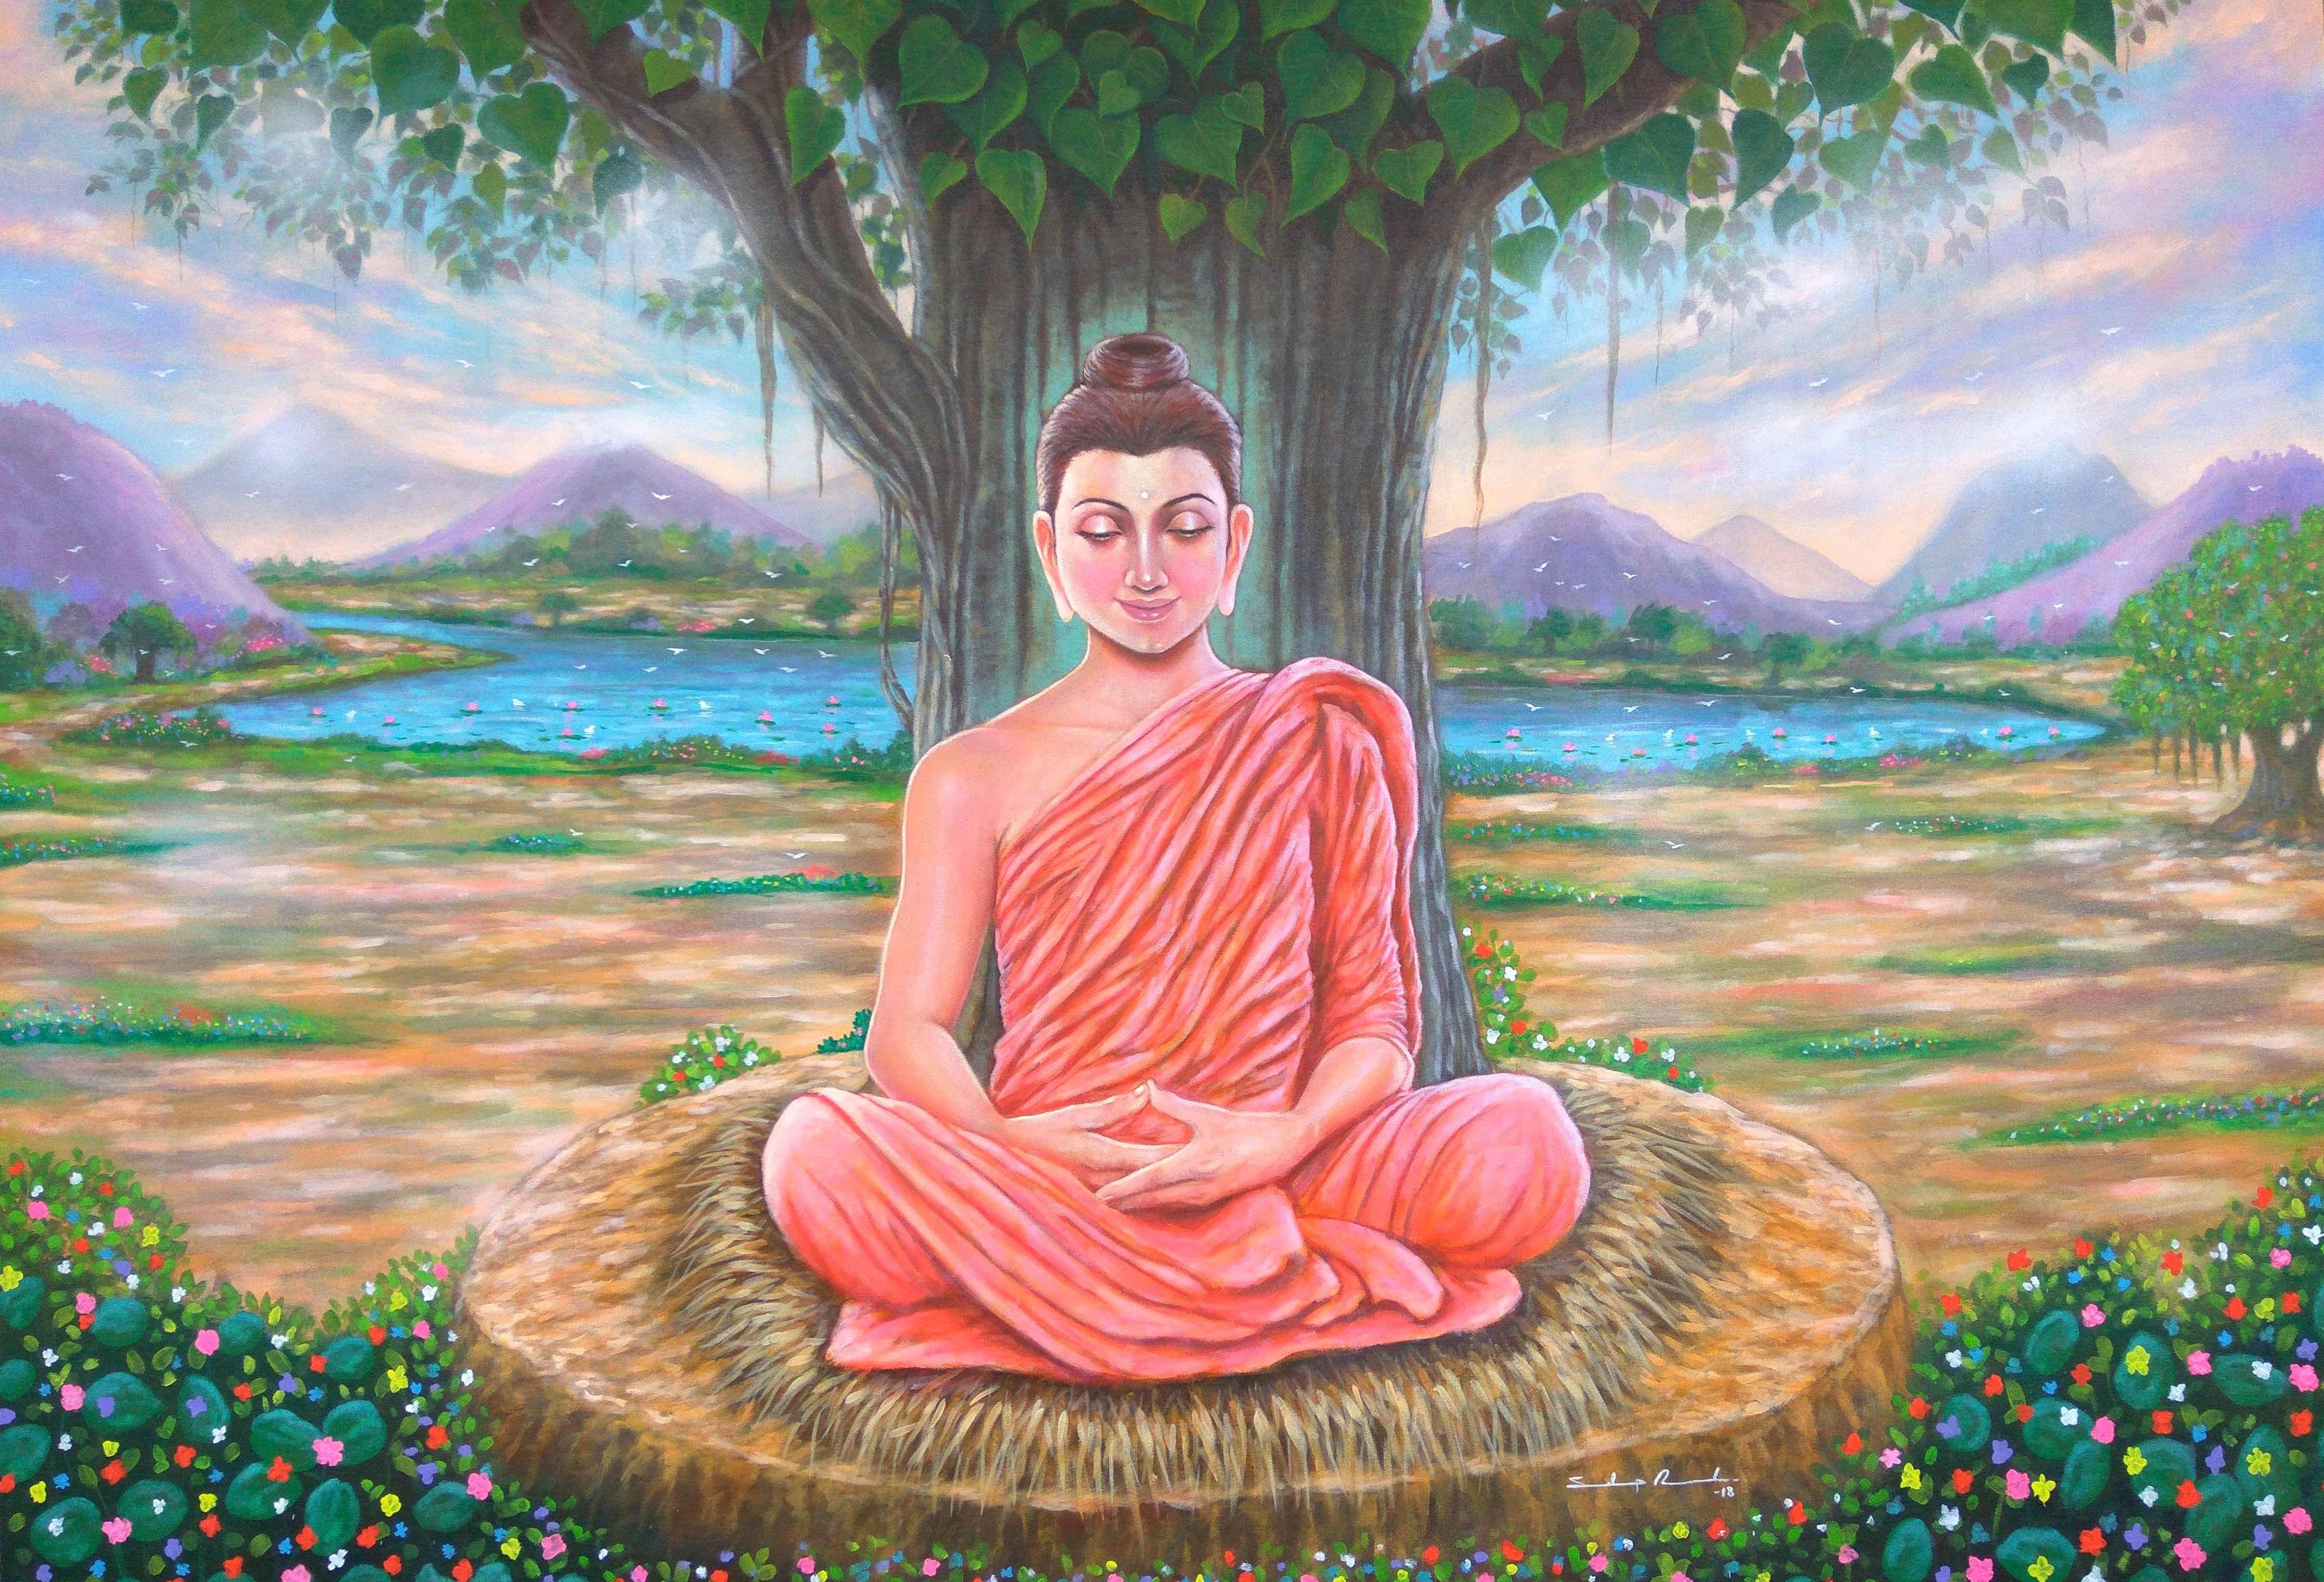 lord buddha education foundation - HD4468×3042